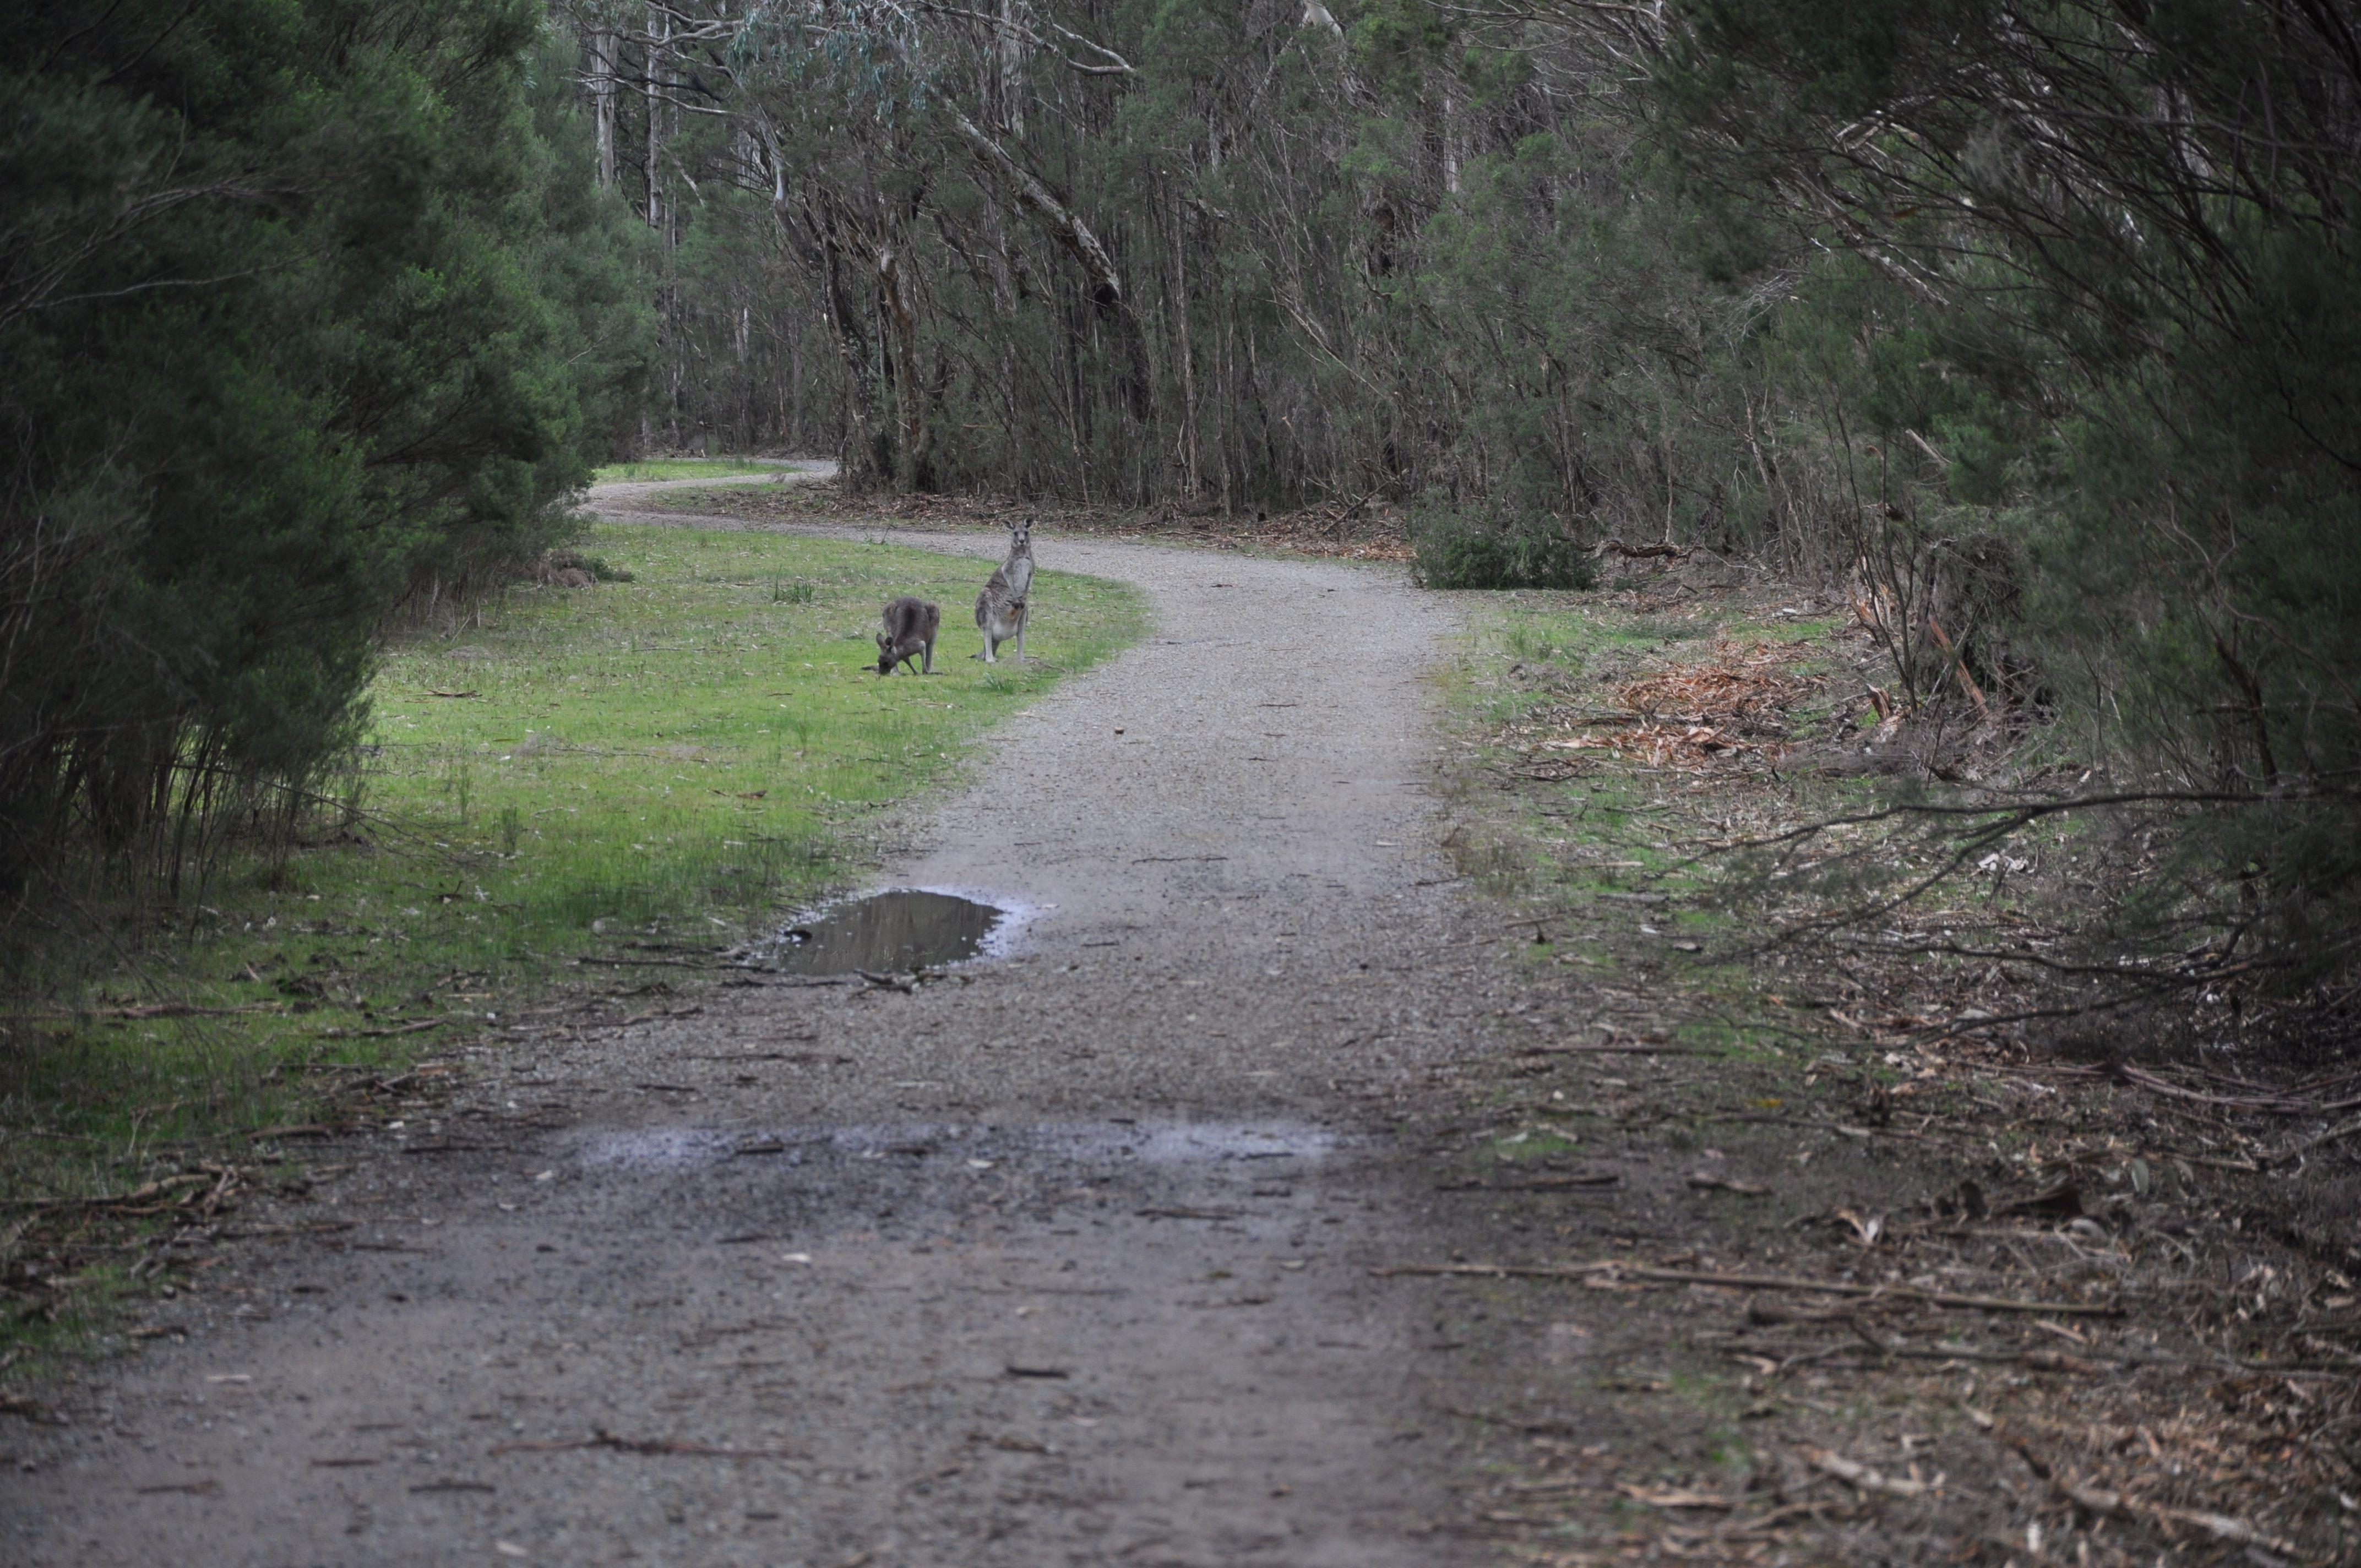 #roads #canguros #australia